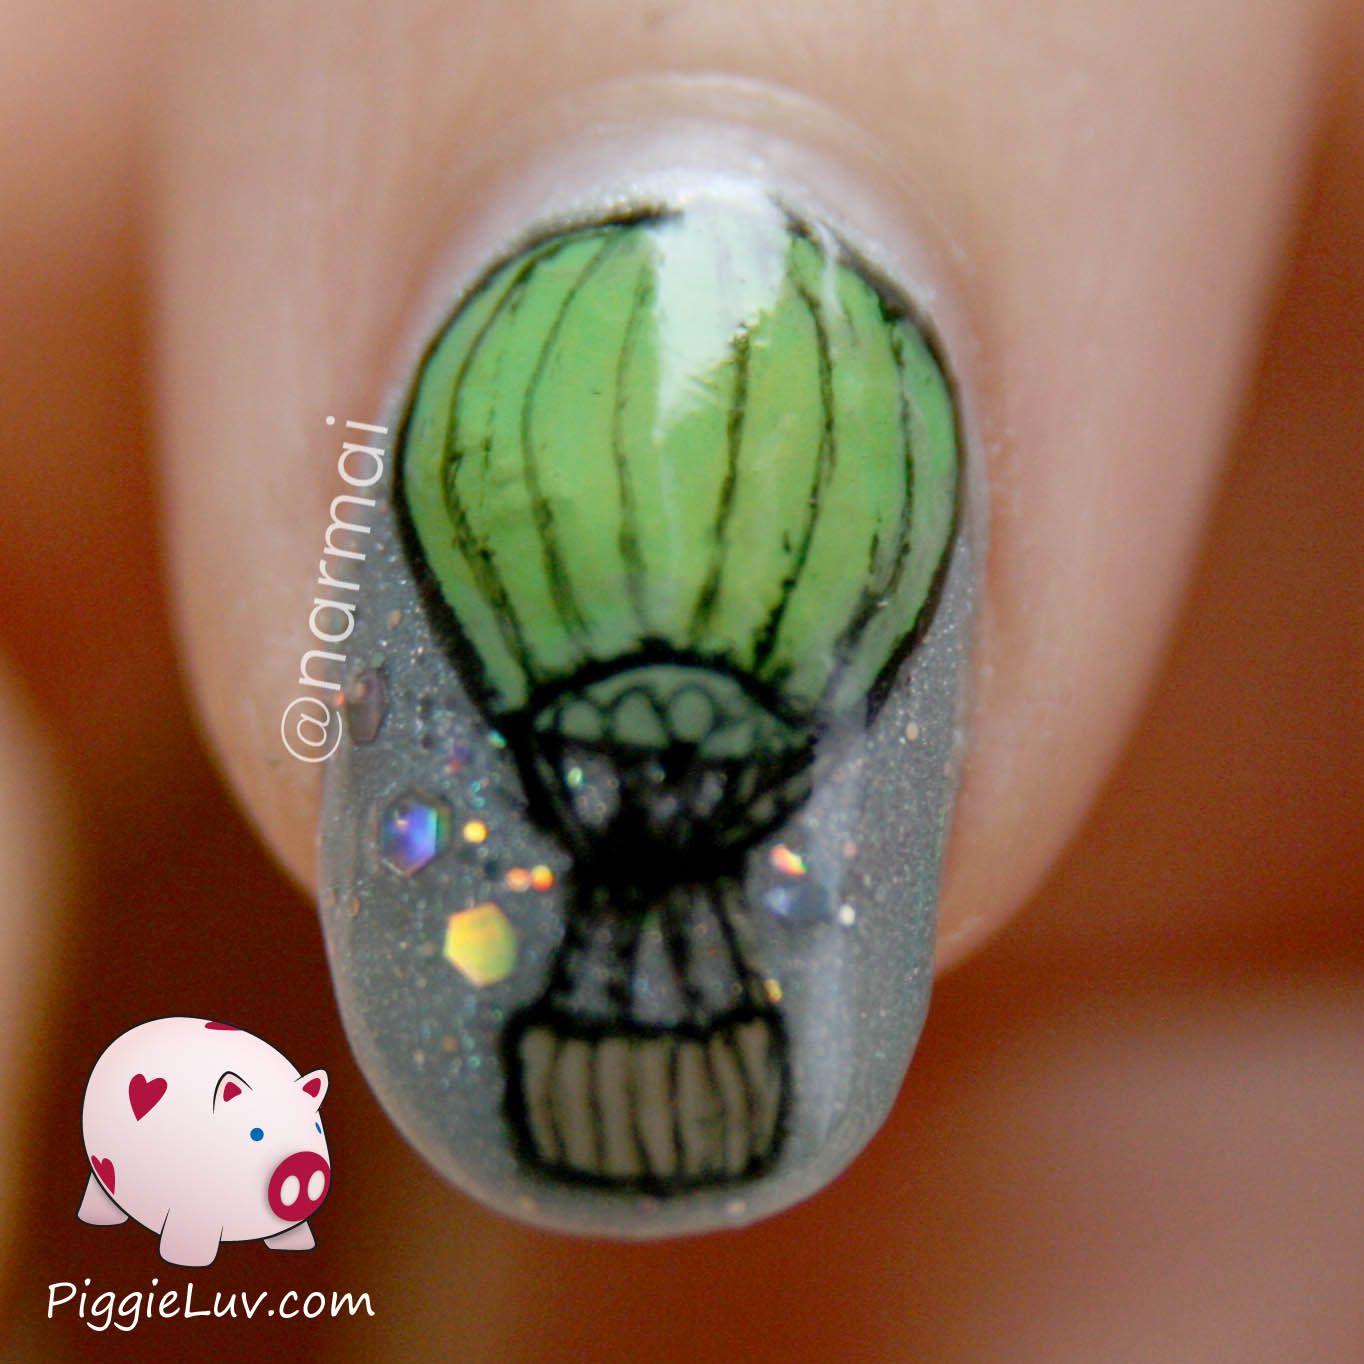 Hot air balloon nail art - Nagelkunst, Vliegt weg en Techno